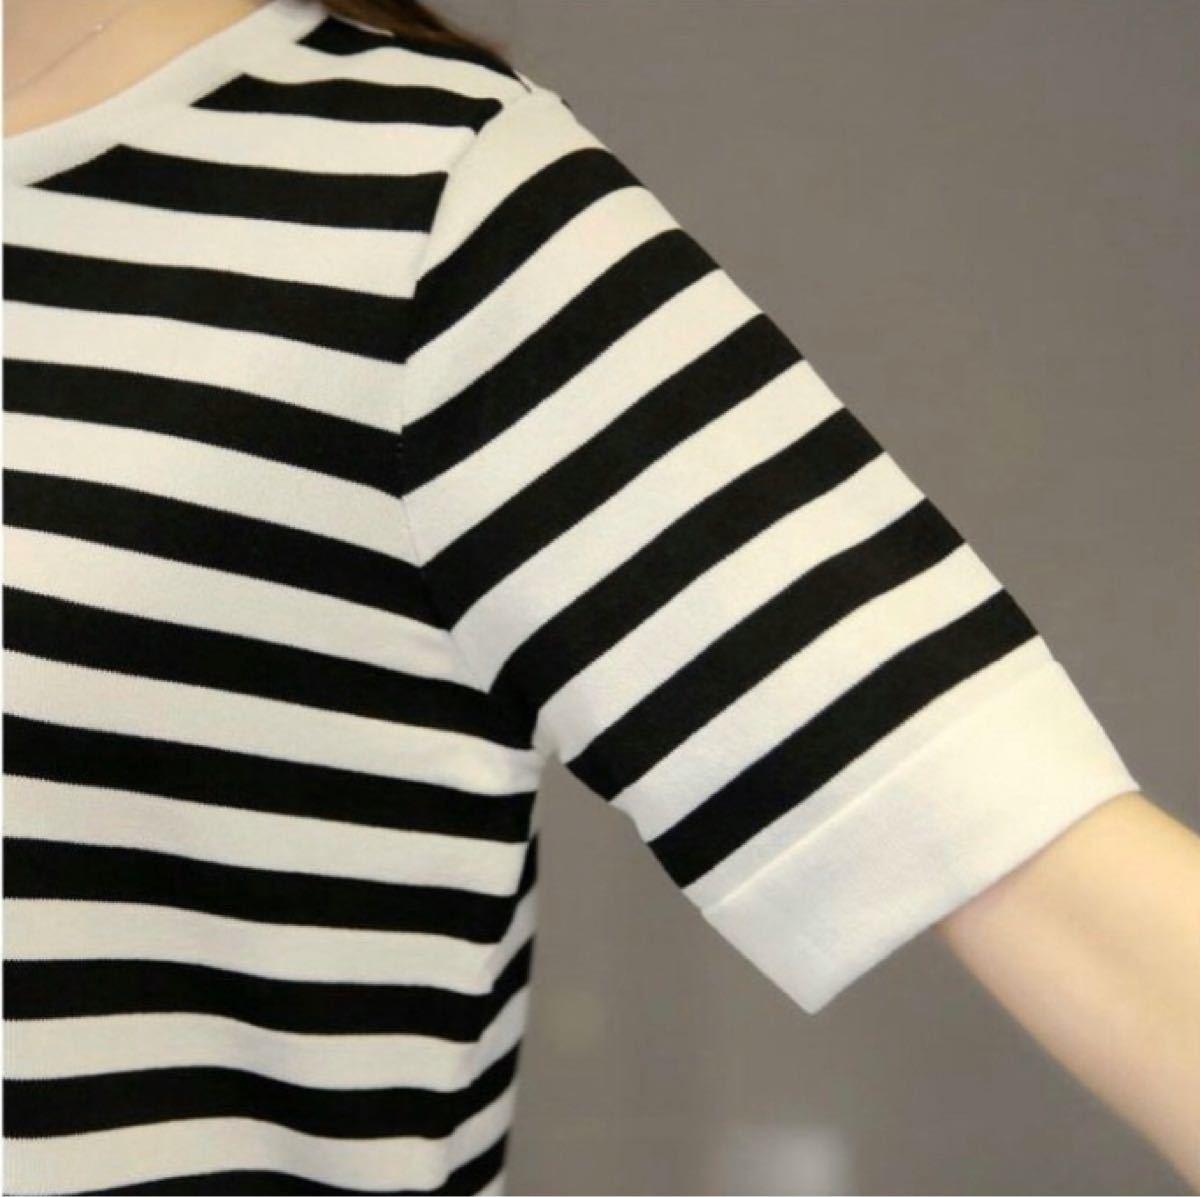 カットソー ボーダー柄 半袖 チュニック  学院スタイルTシャツ 韓国 X XL